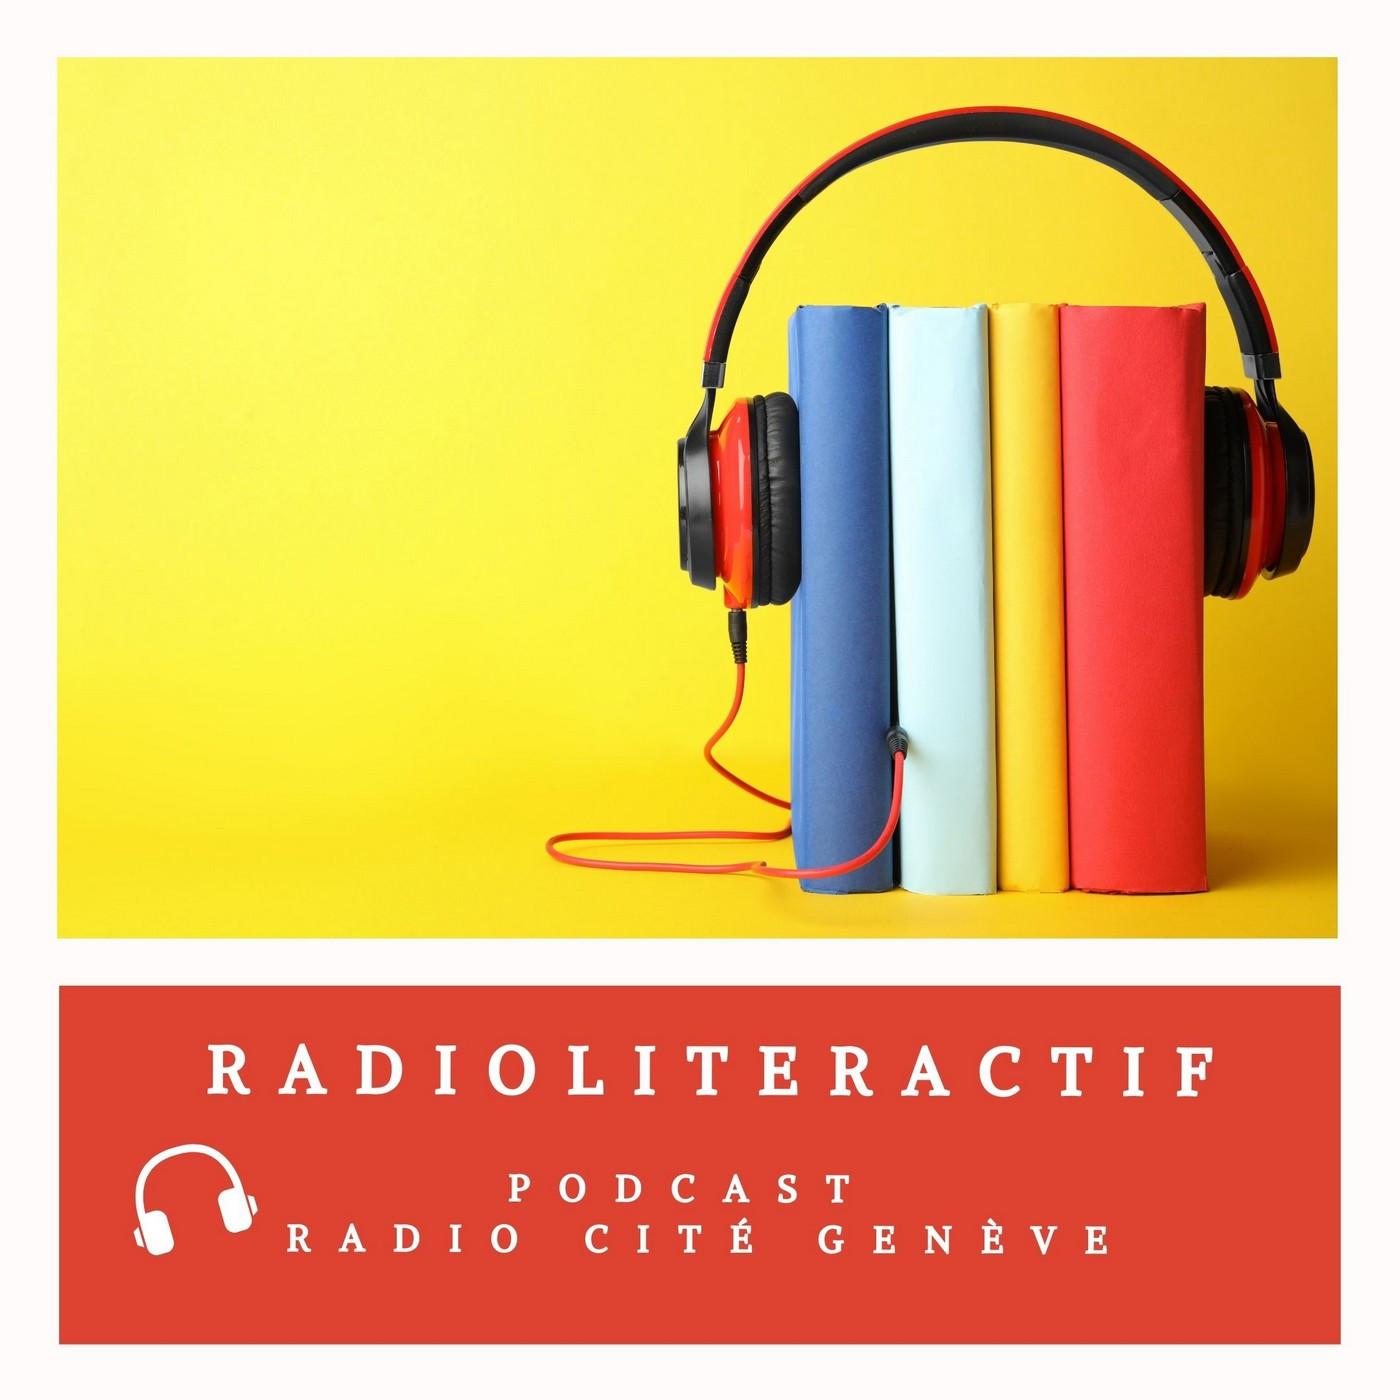 Radioliteractif du 12/10/20 - Olivier Horner